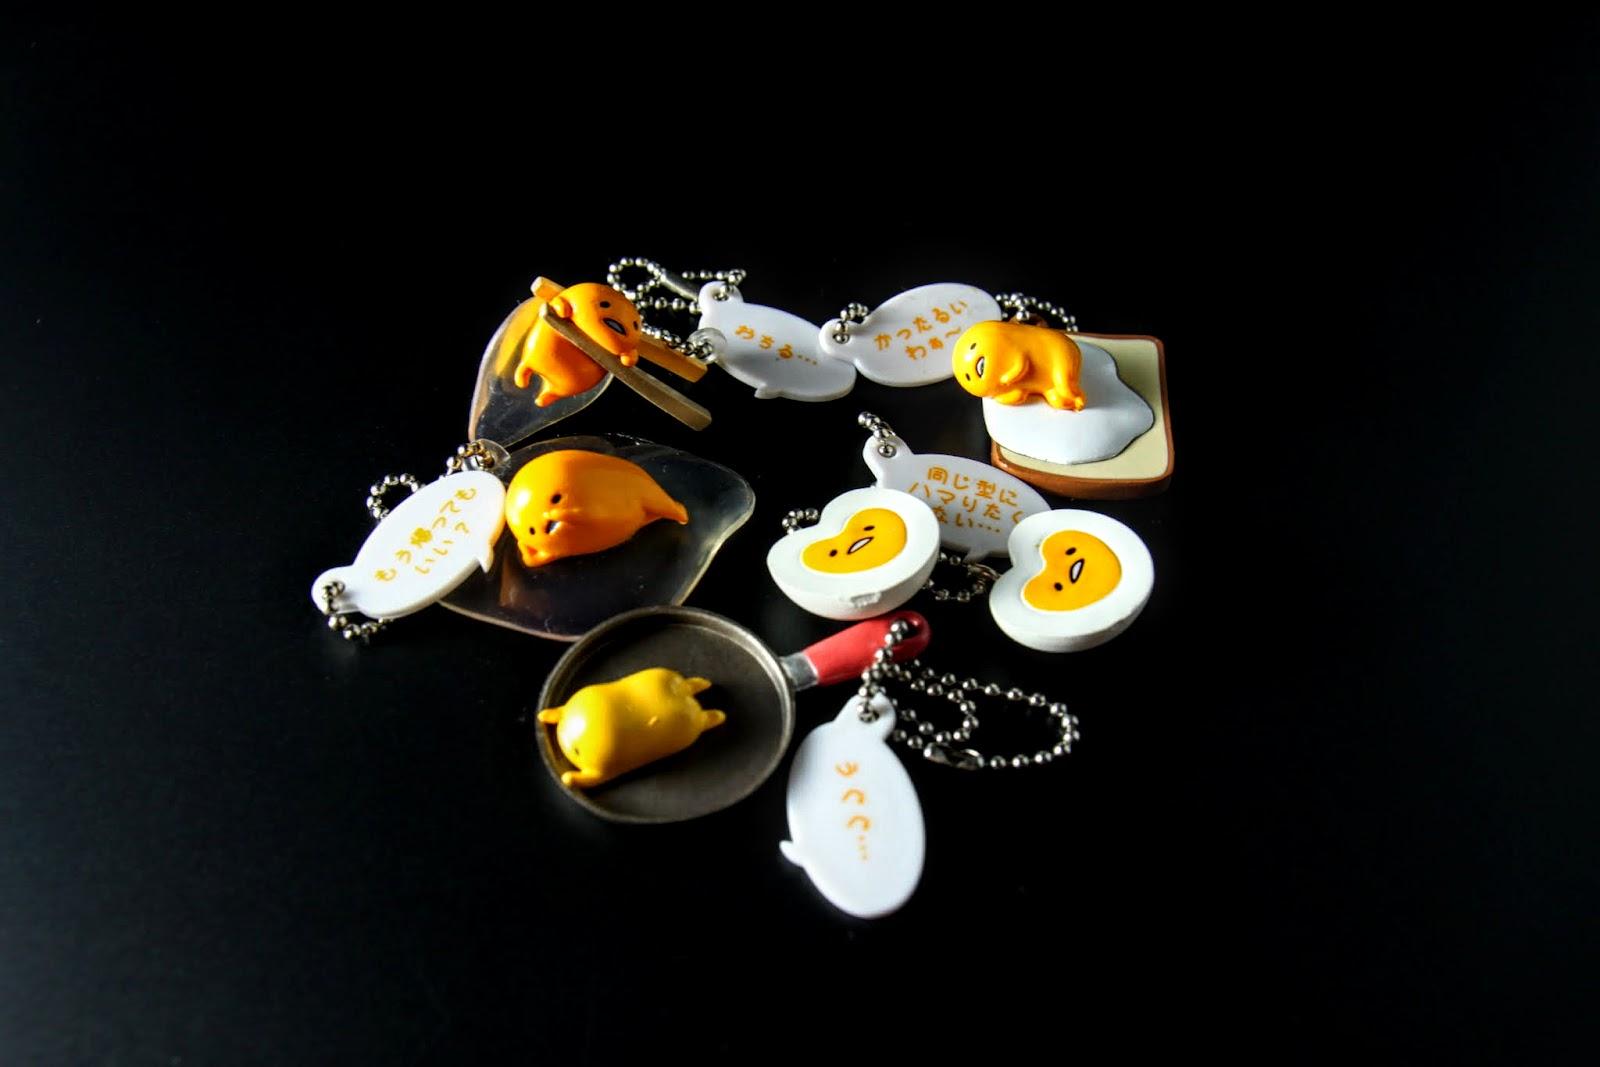 蛋黃哥第3蛋全蛋集